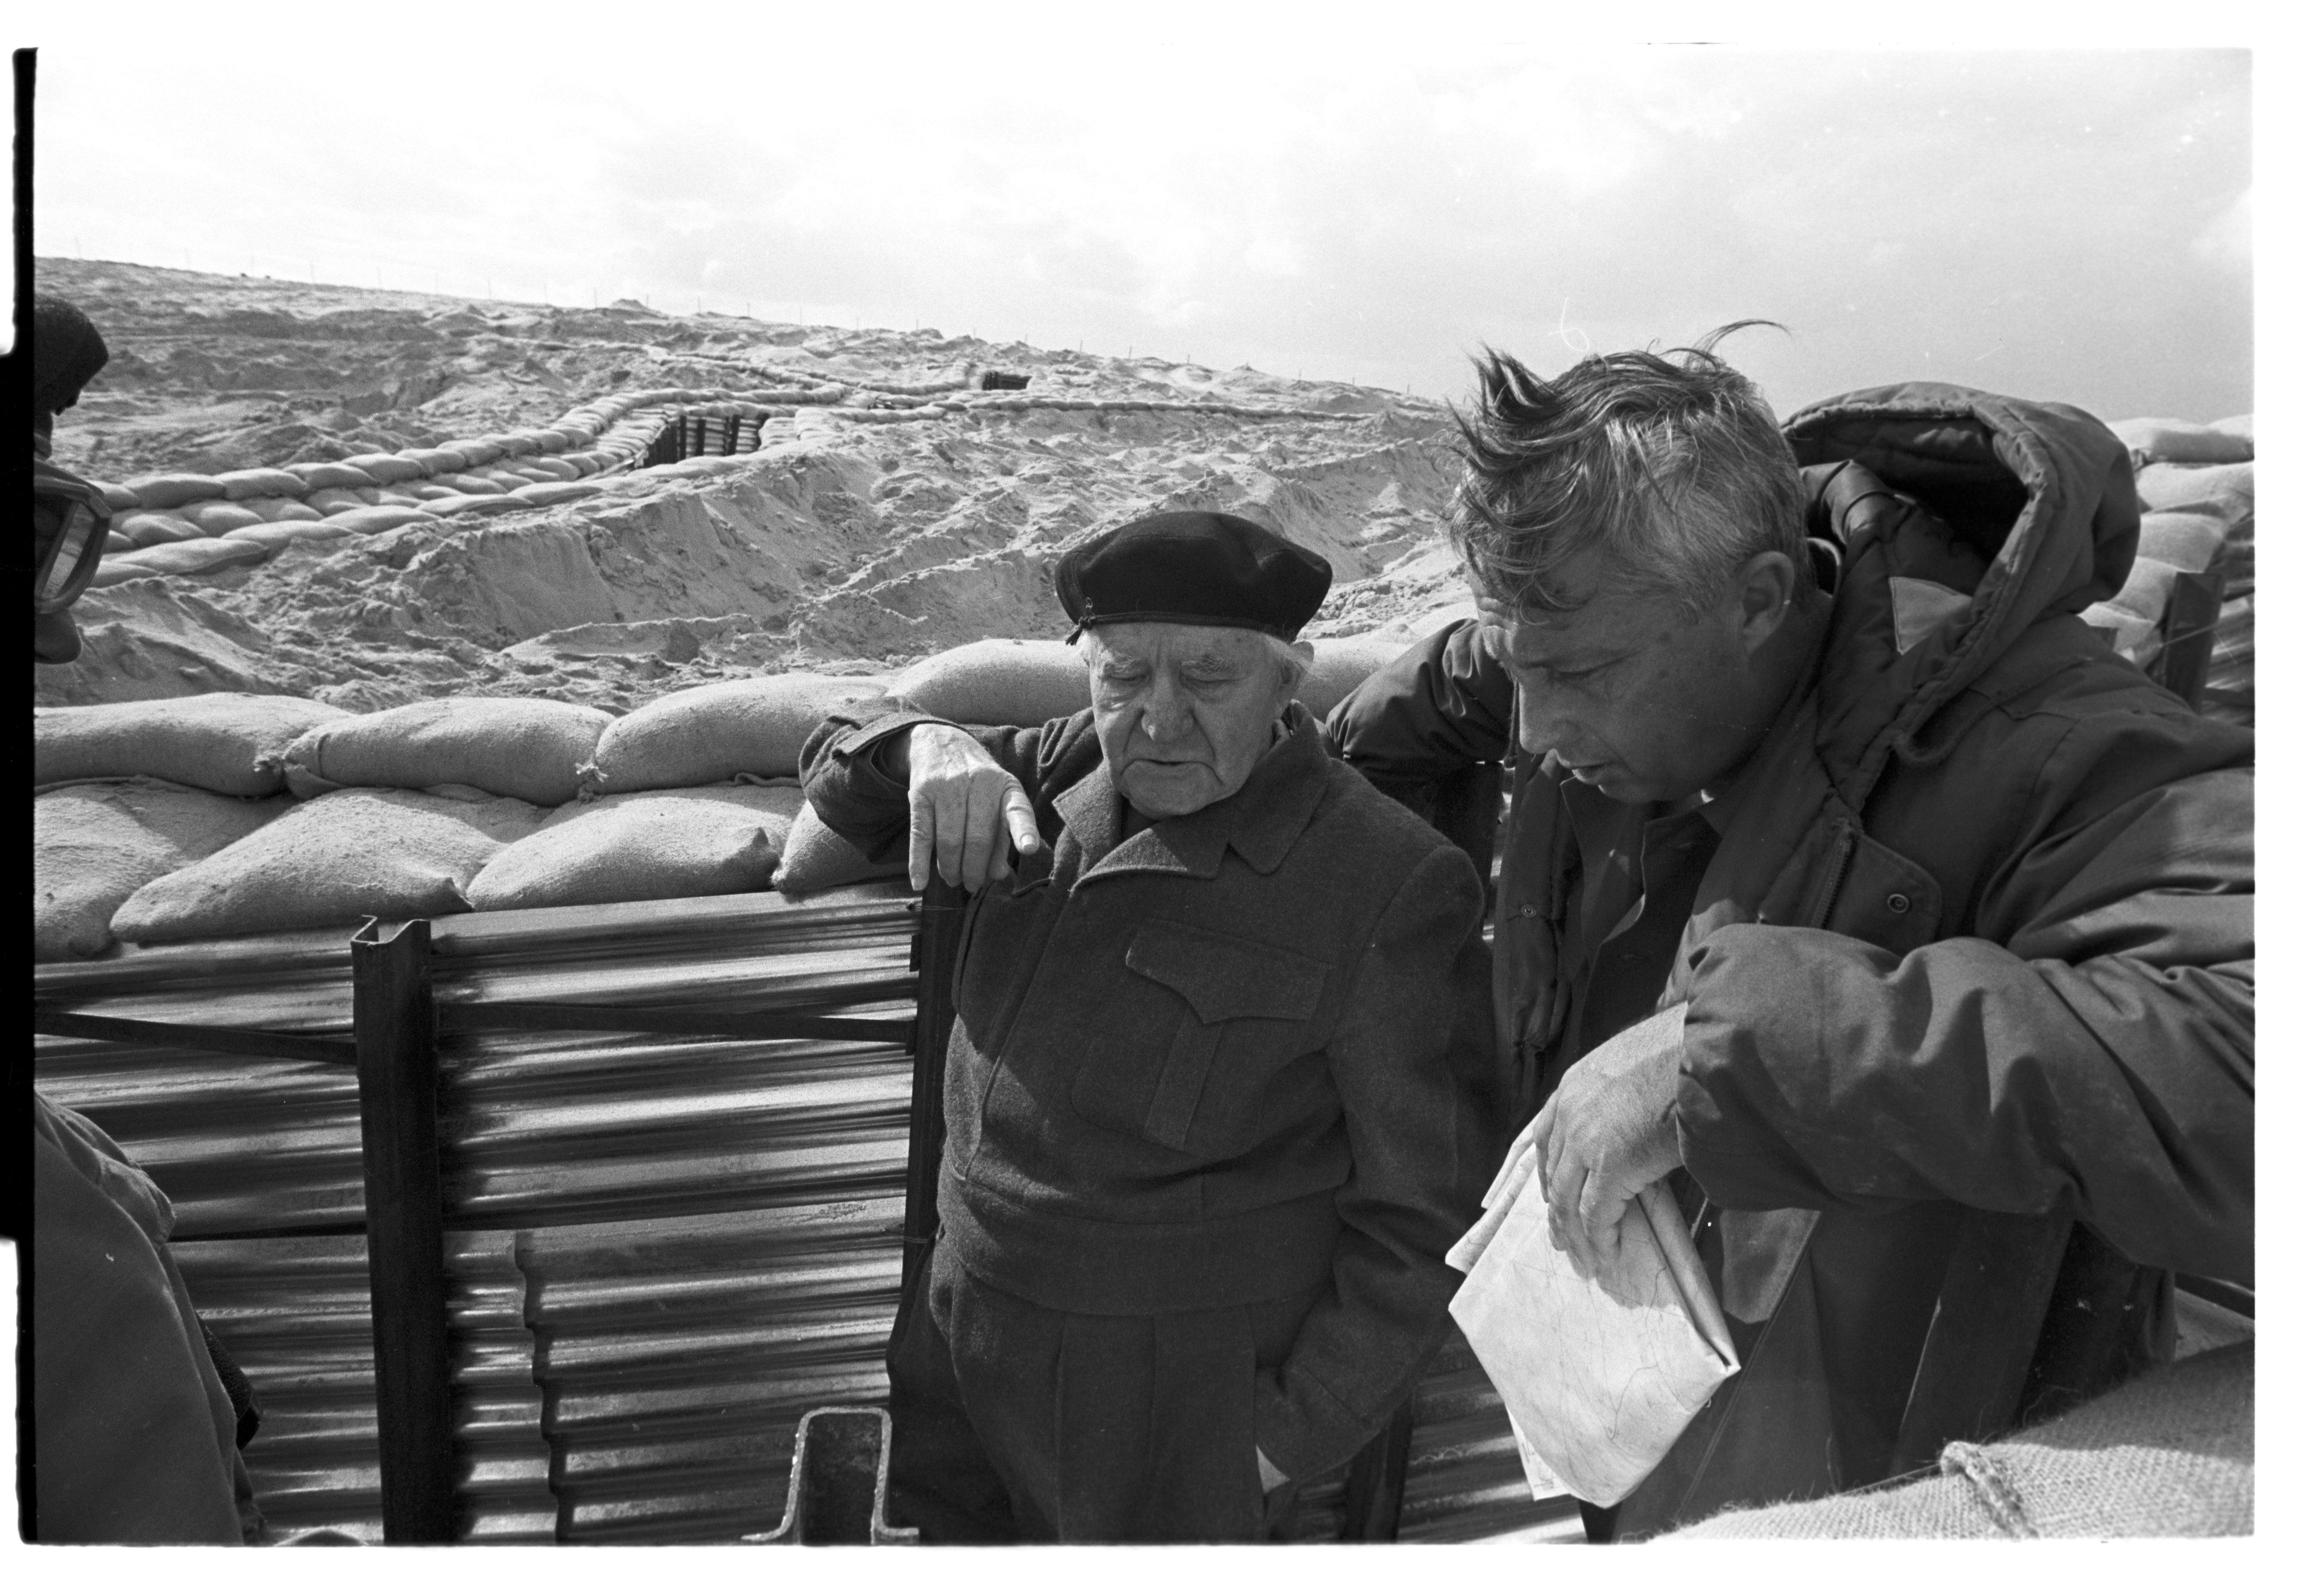 אריאל שרון ודוד בן גוריון בביקור בתעלת סואץ